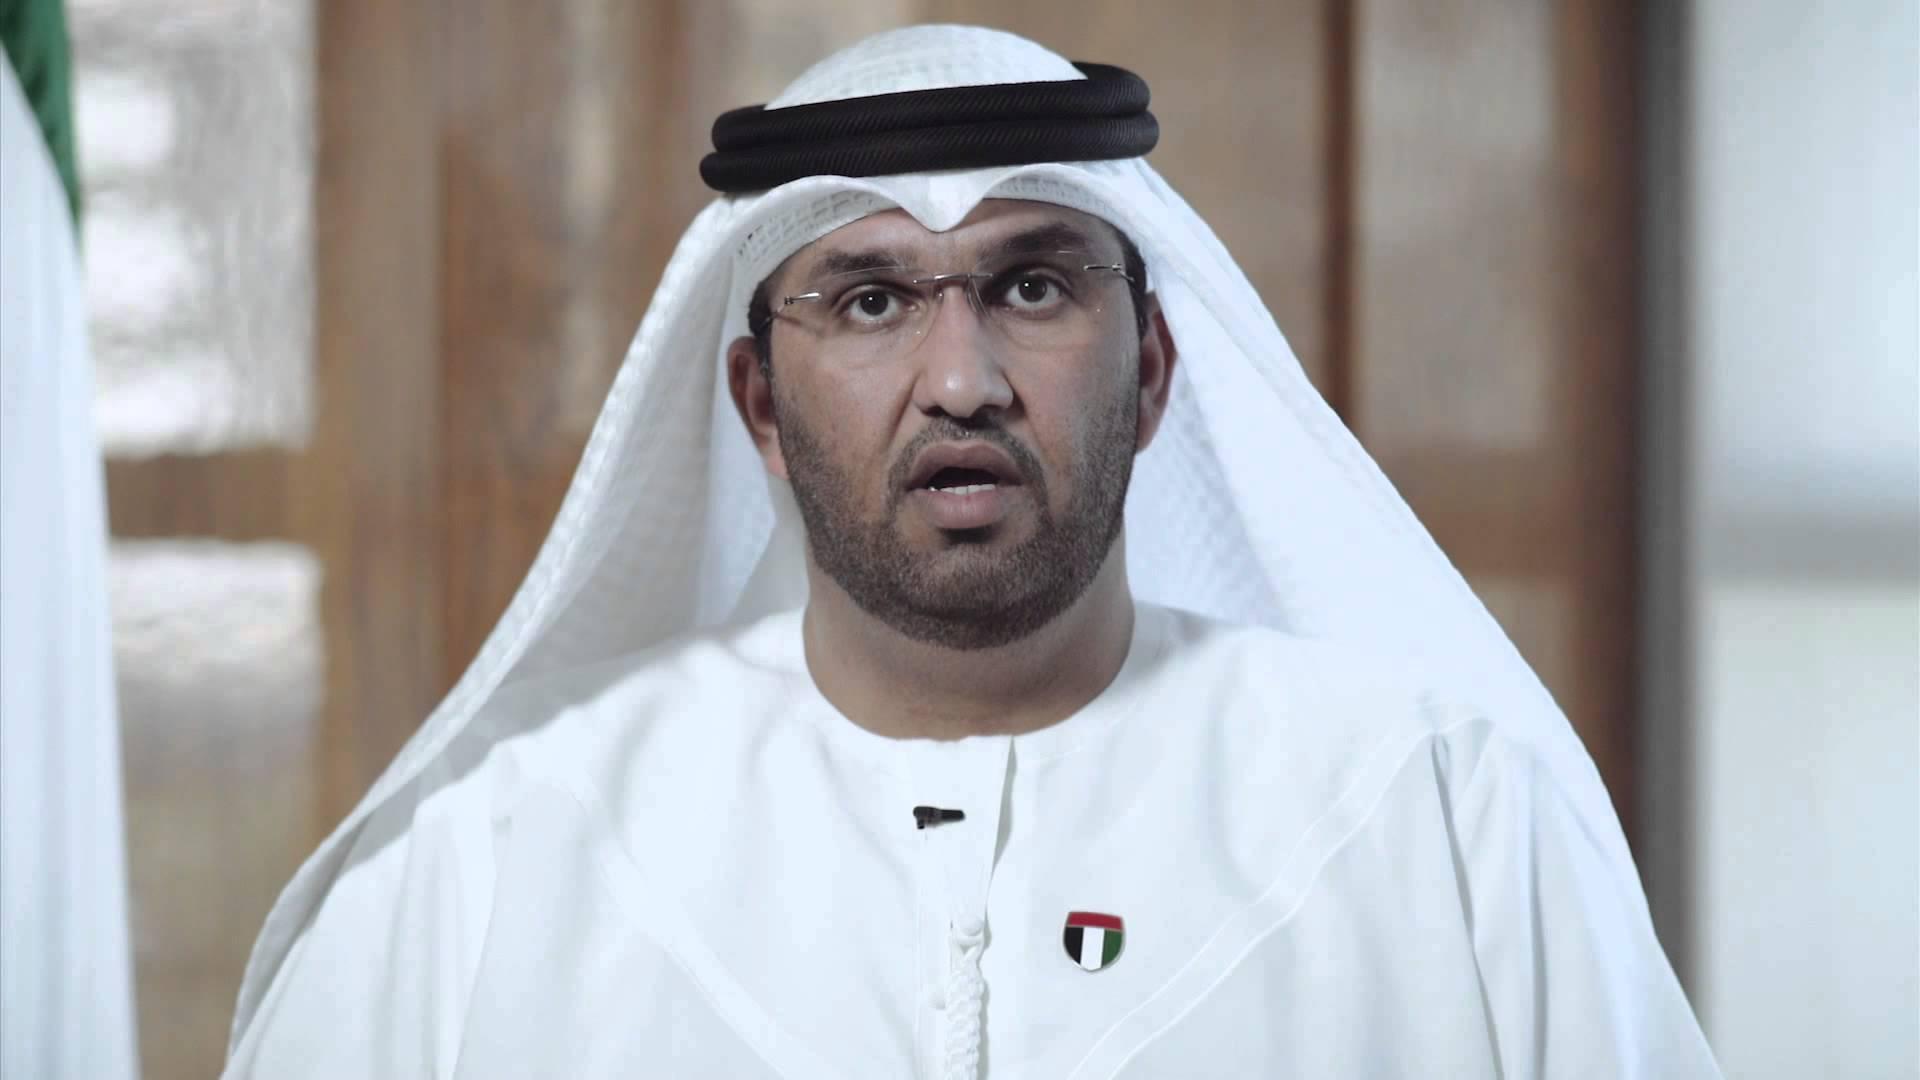 وزير إماراتي : السعودية تمتلك رؤية بعيدة المدى لضمان التنمية الاقتصادية المستدامة